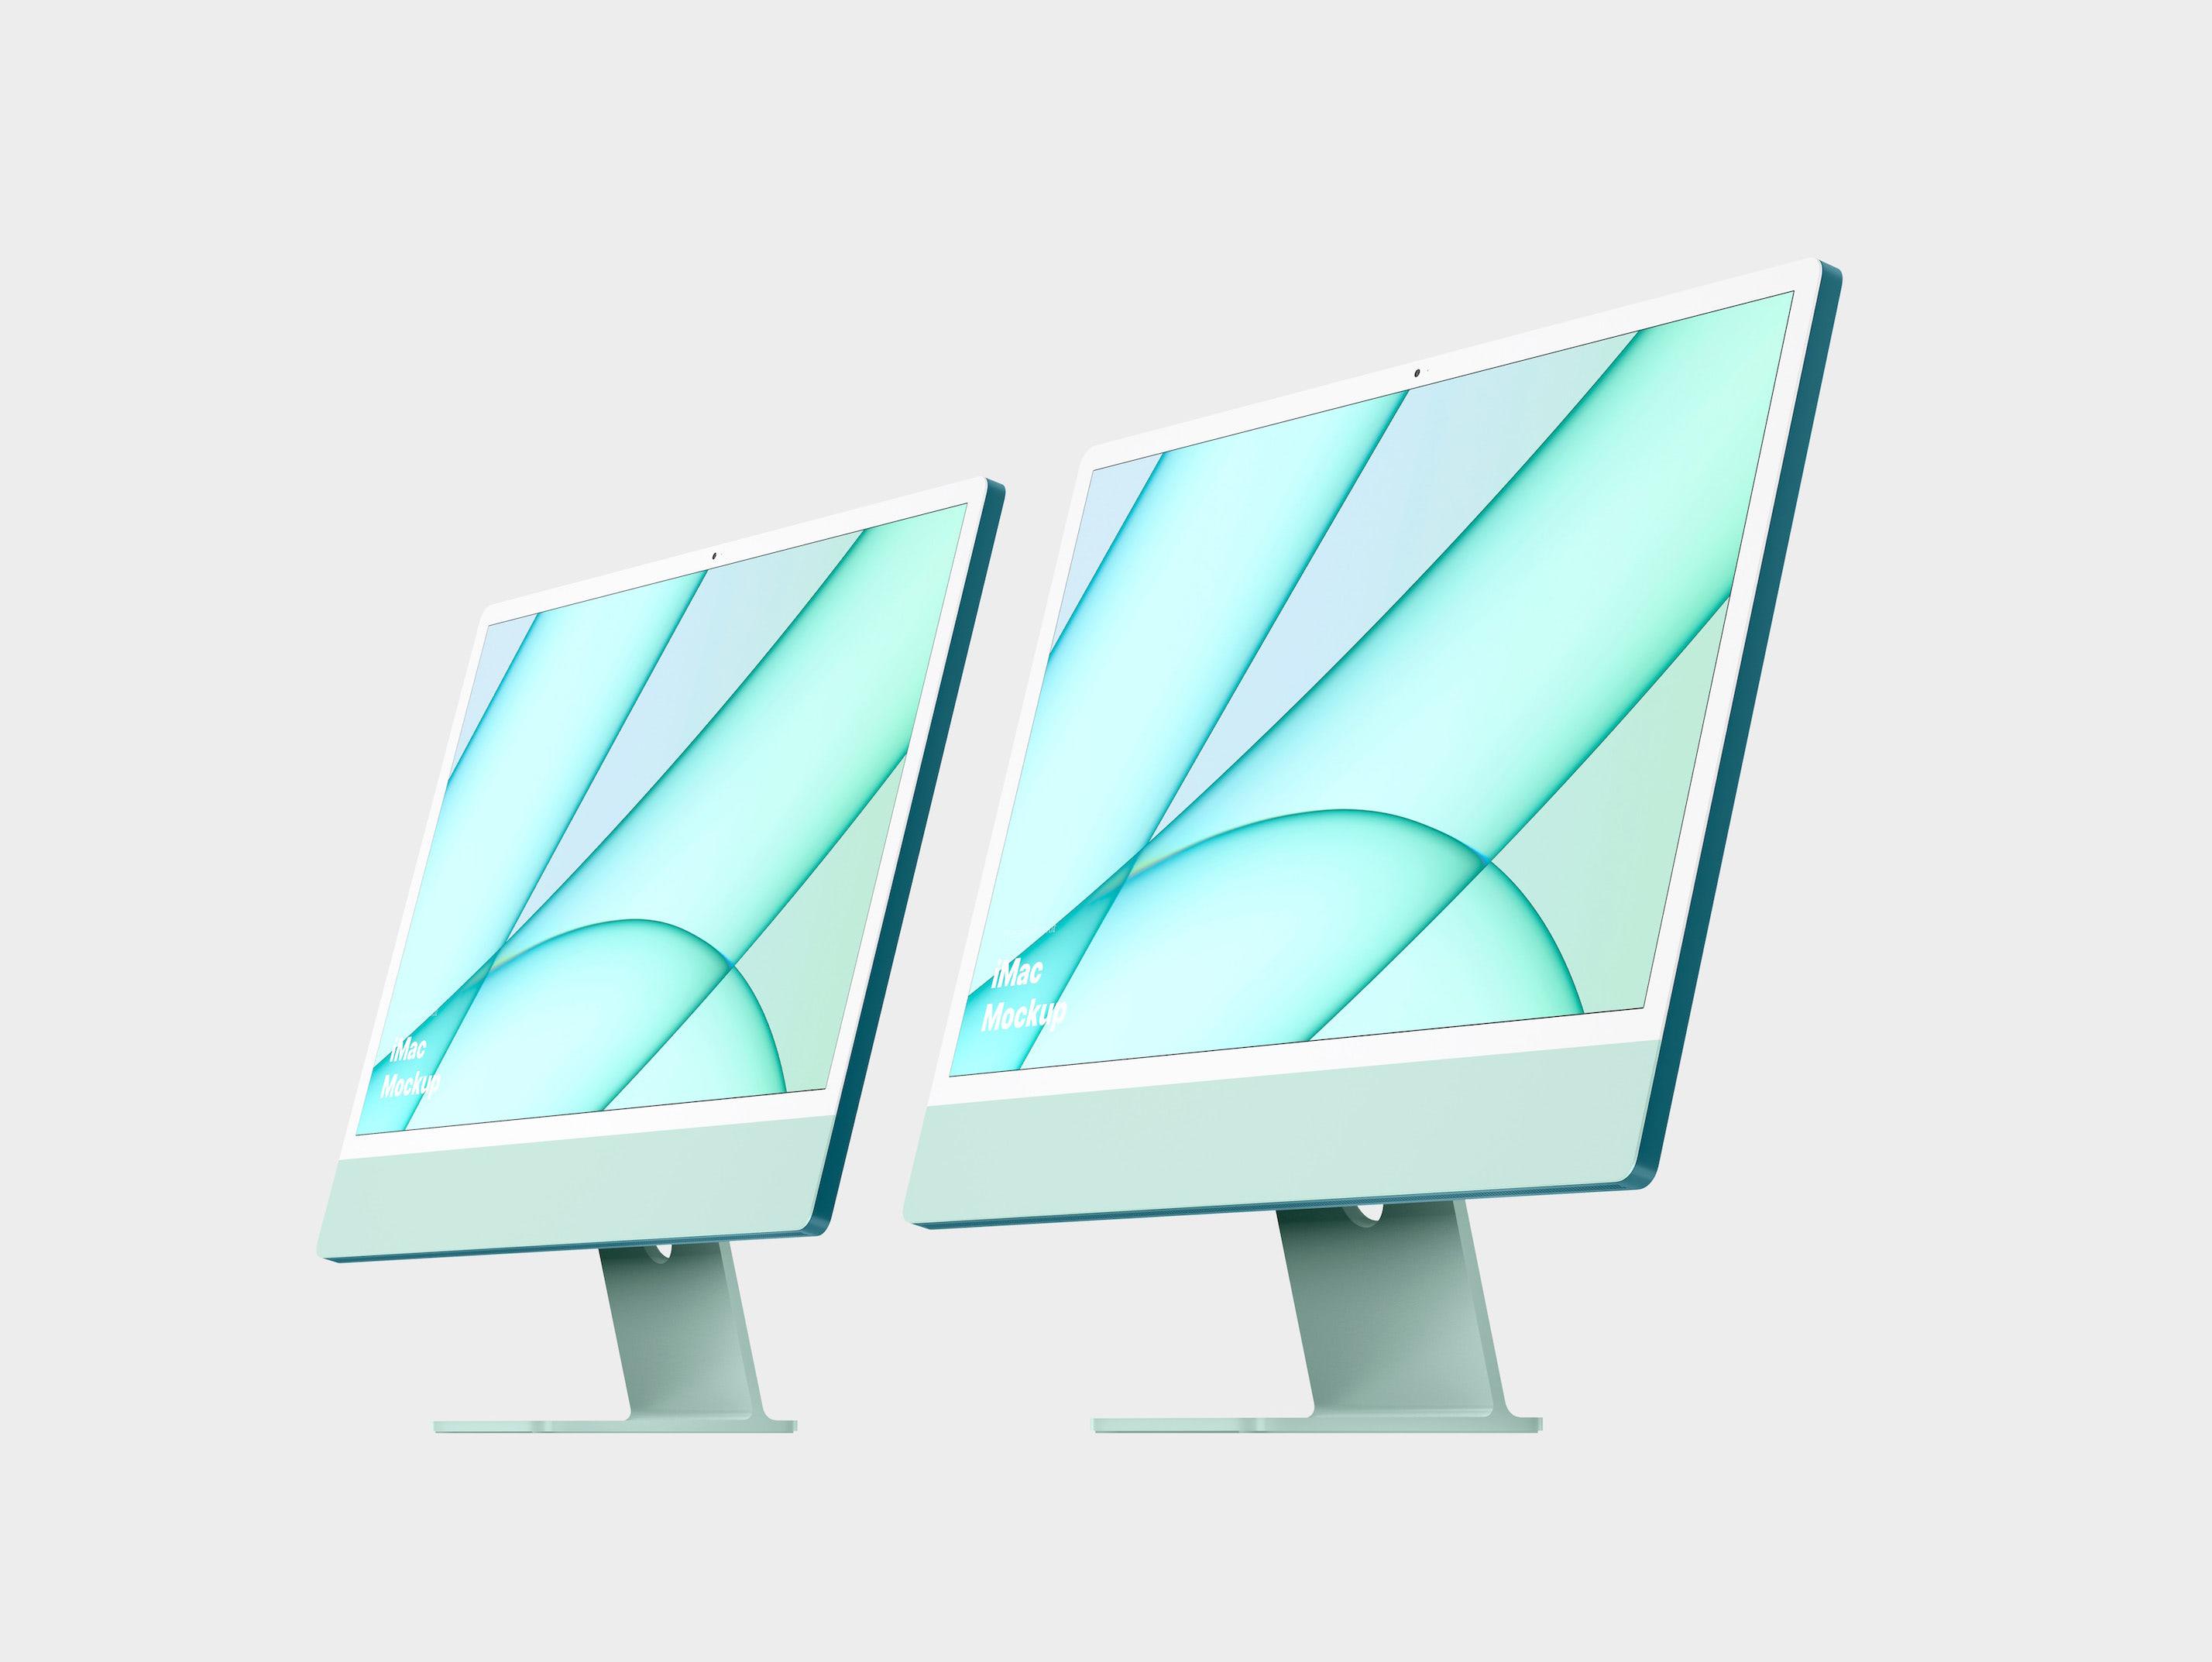 Green iMac Mockup